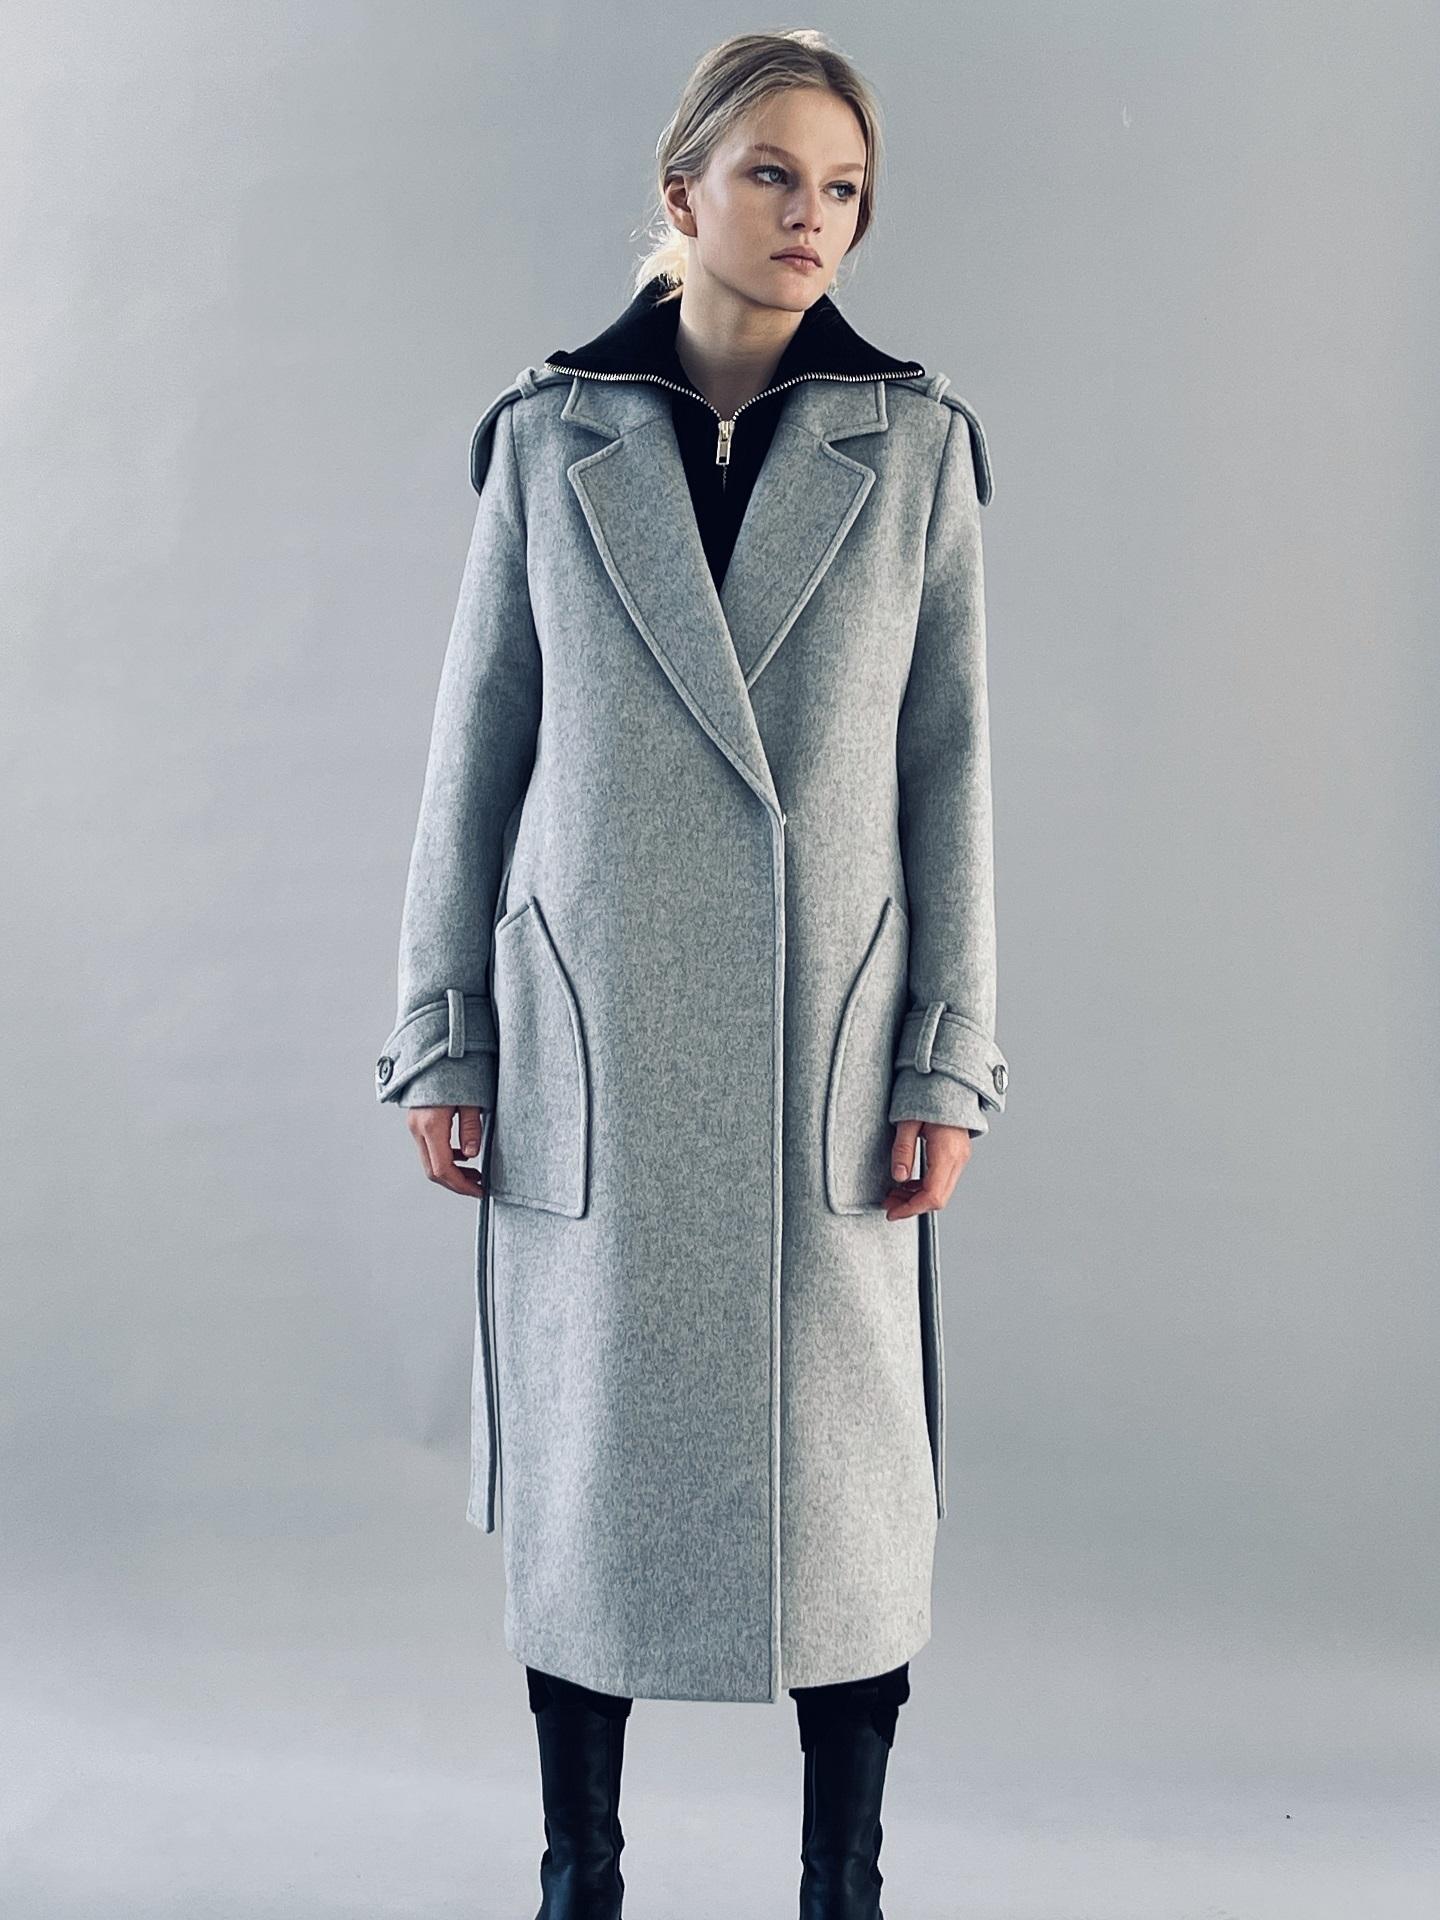 Пальто, QUARKS, 667 (серый агат)